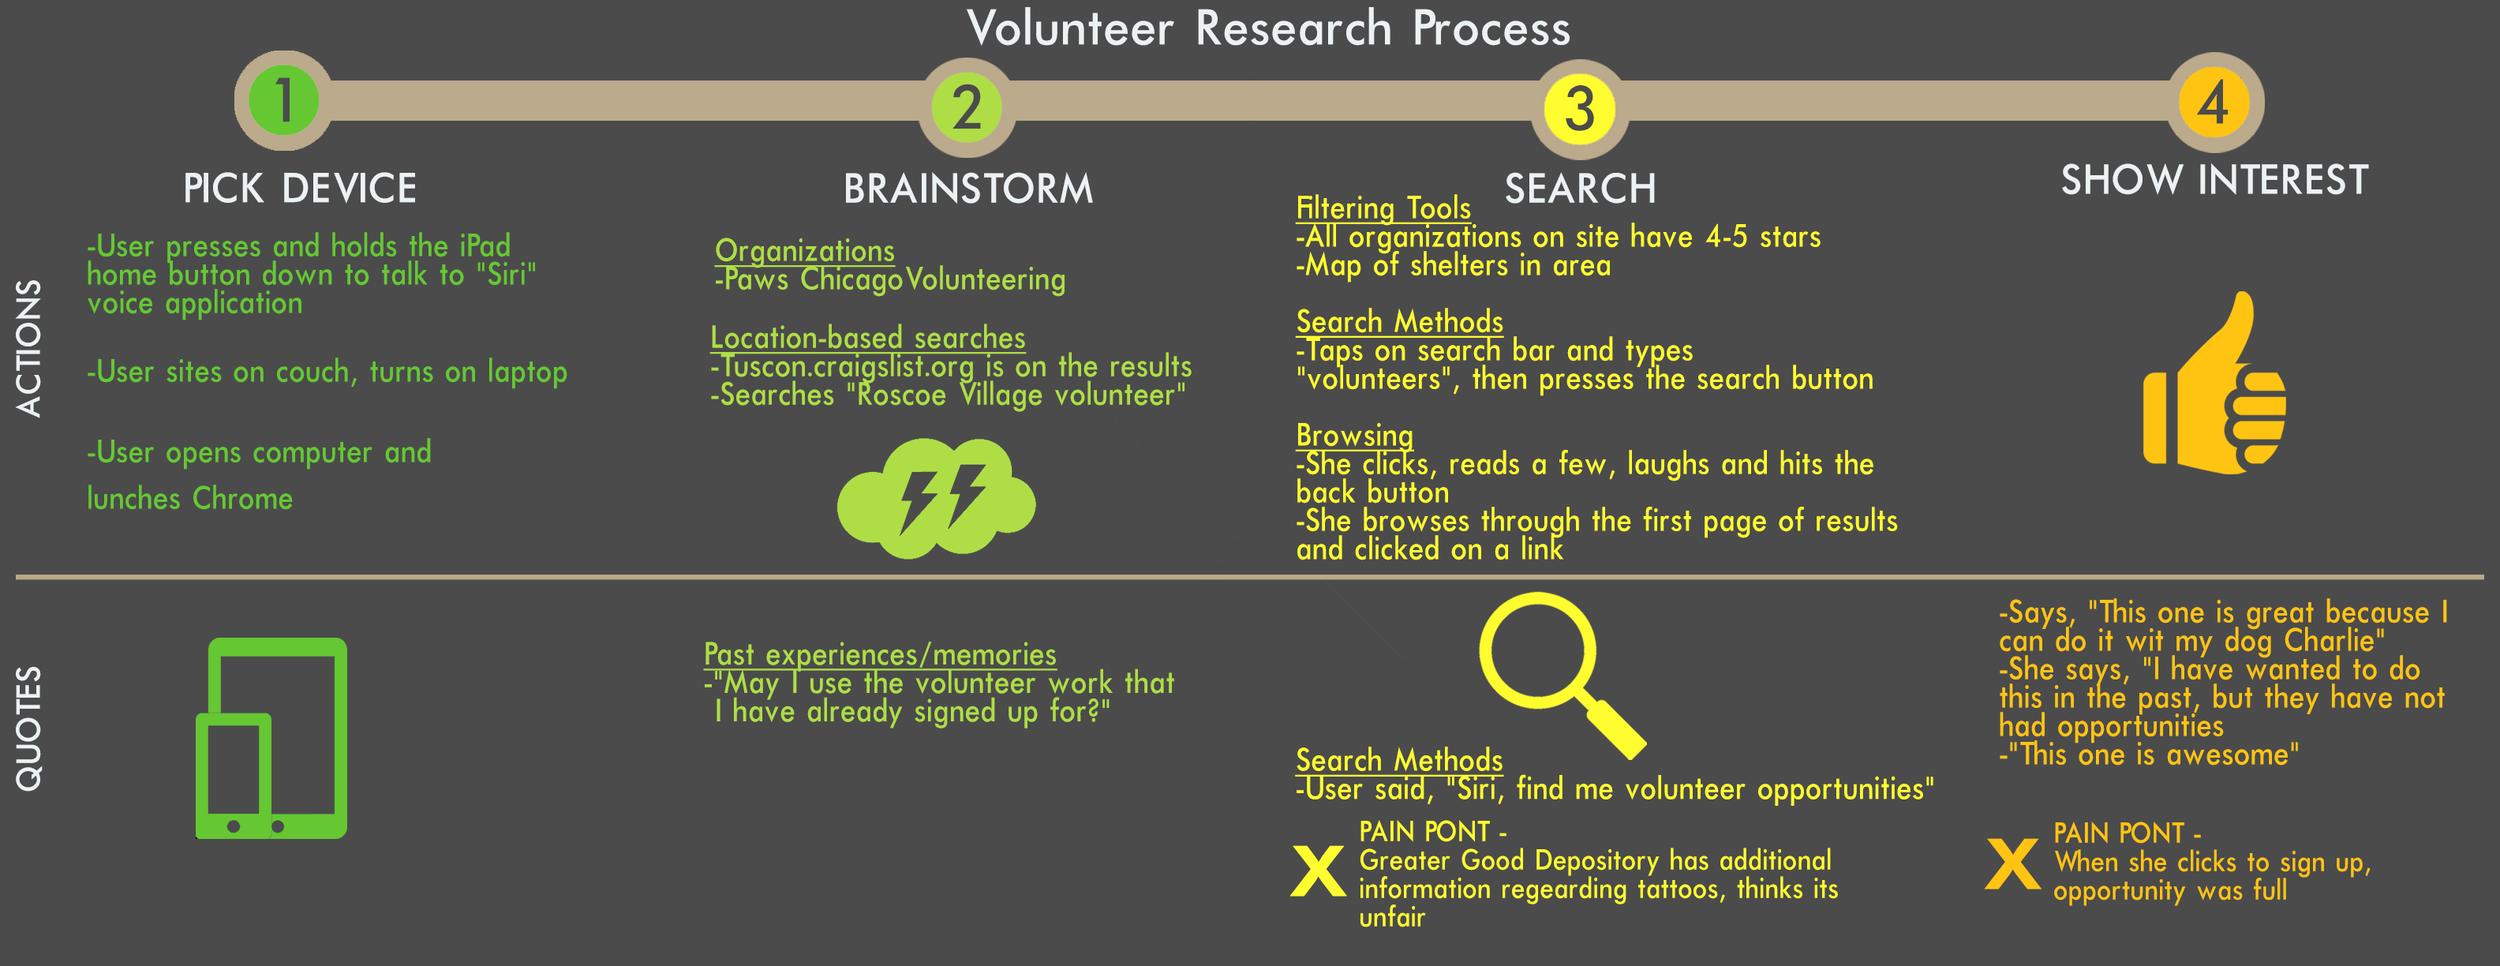 VolunteerInfoGraphicHorizontal1.png